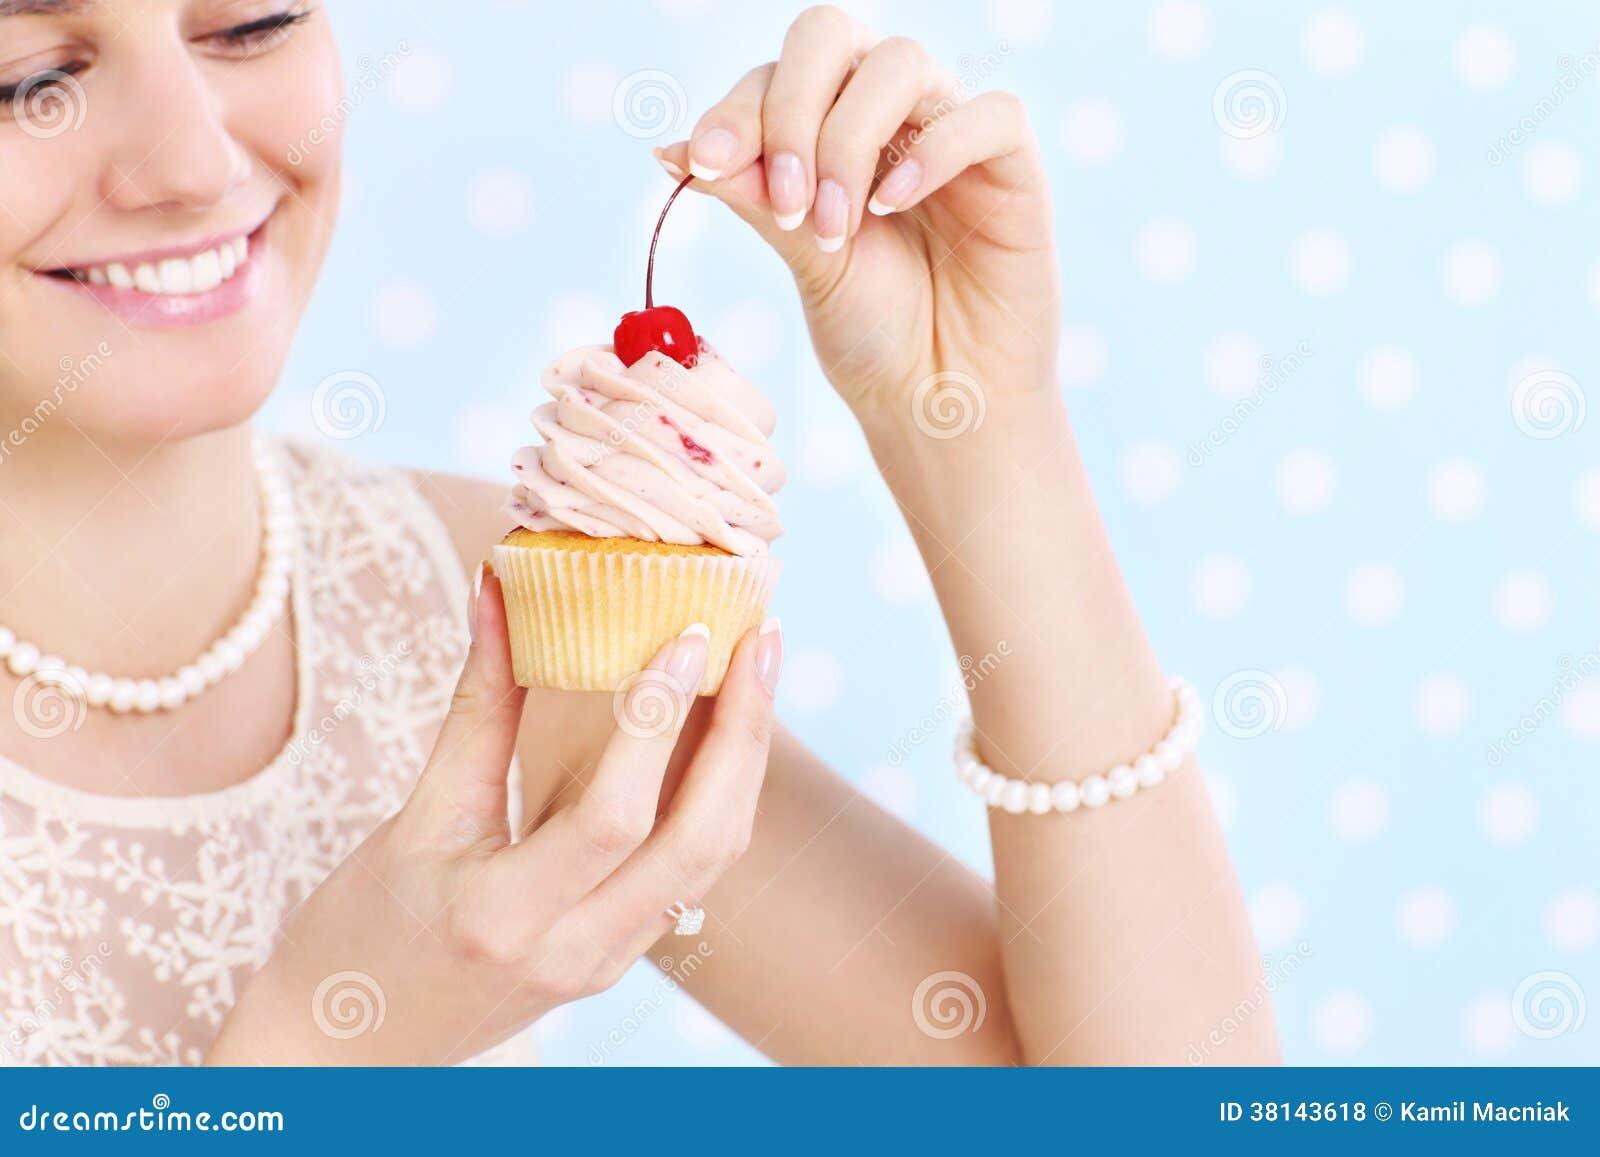 Фото с девушек с пирожными